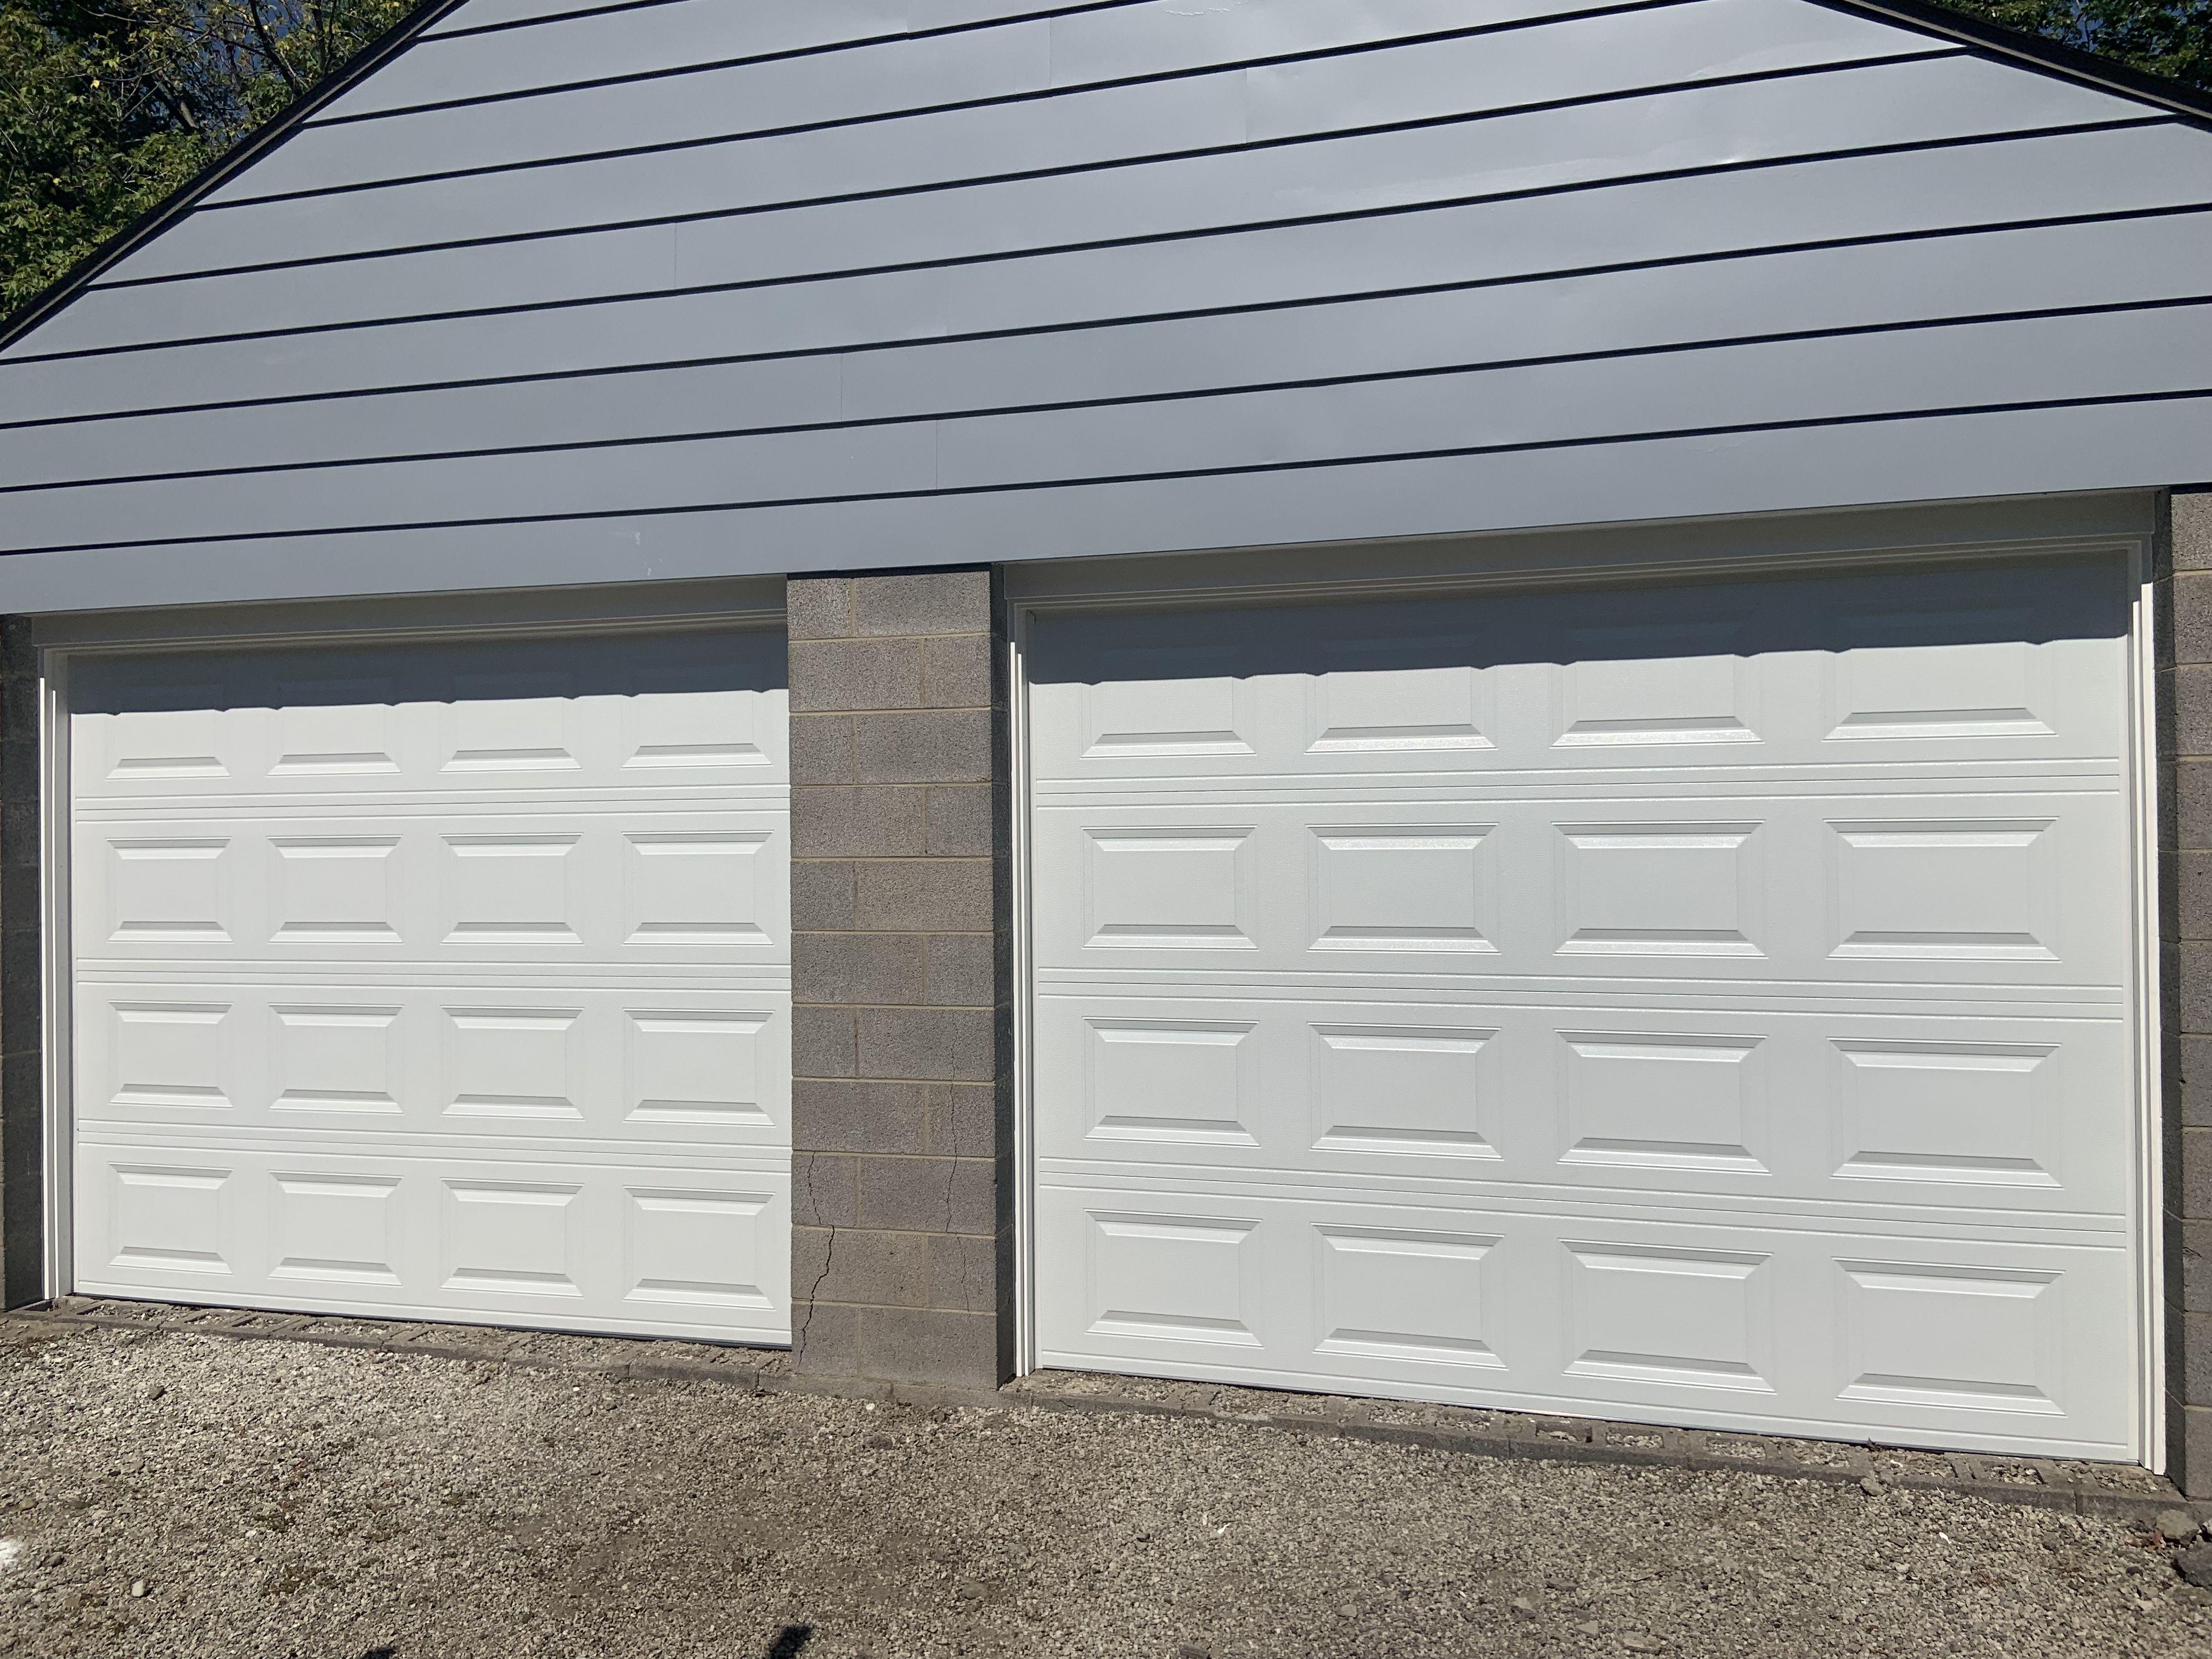 8 X7 Chi Model 2250 Garage Doors Overhead Door Garage Service